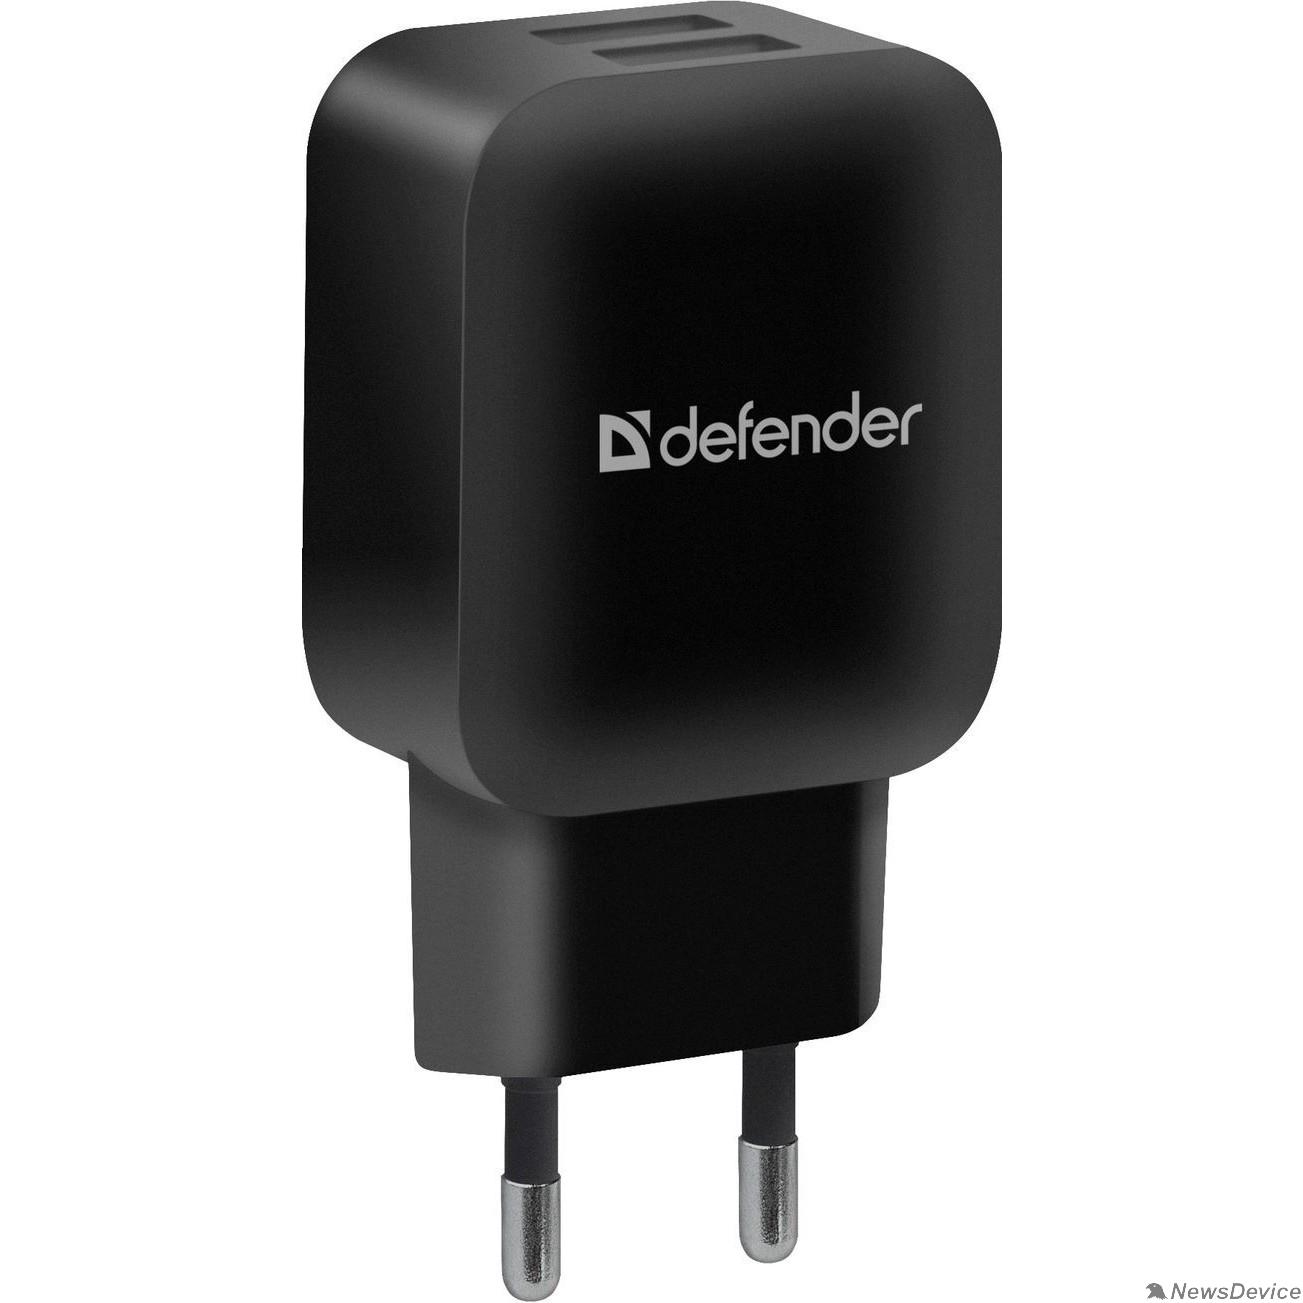 Аксессуар Defender Сетевой адаптер 2xUSB, 5V/2.1А, черный, пакет (EPA-13) (83840)